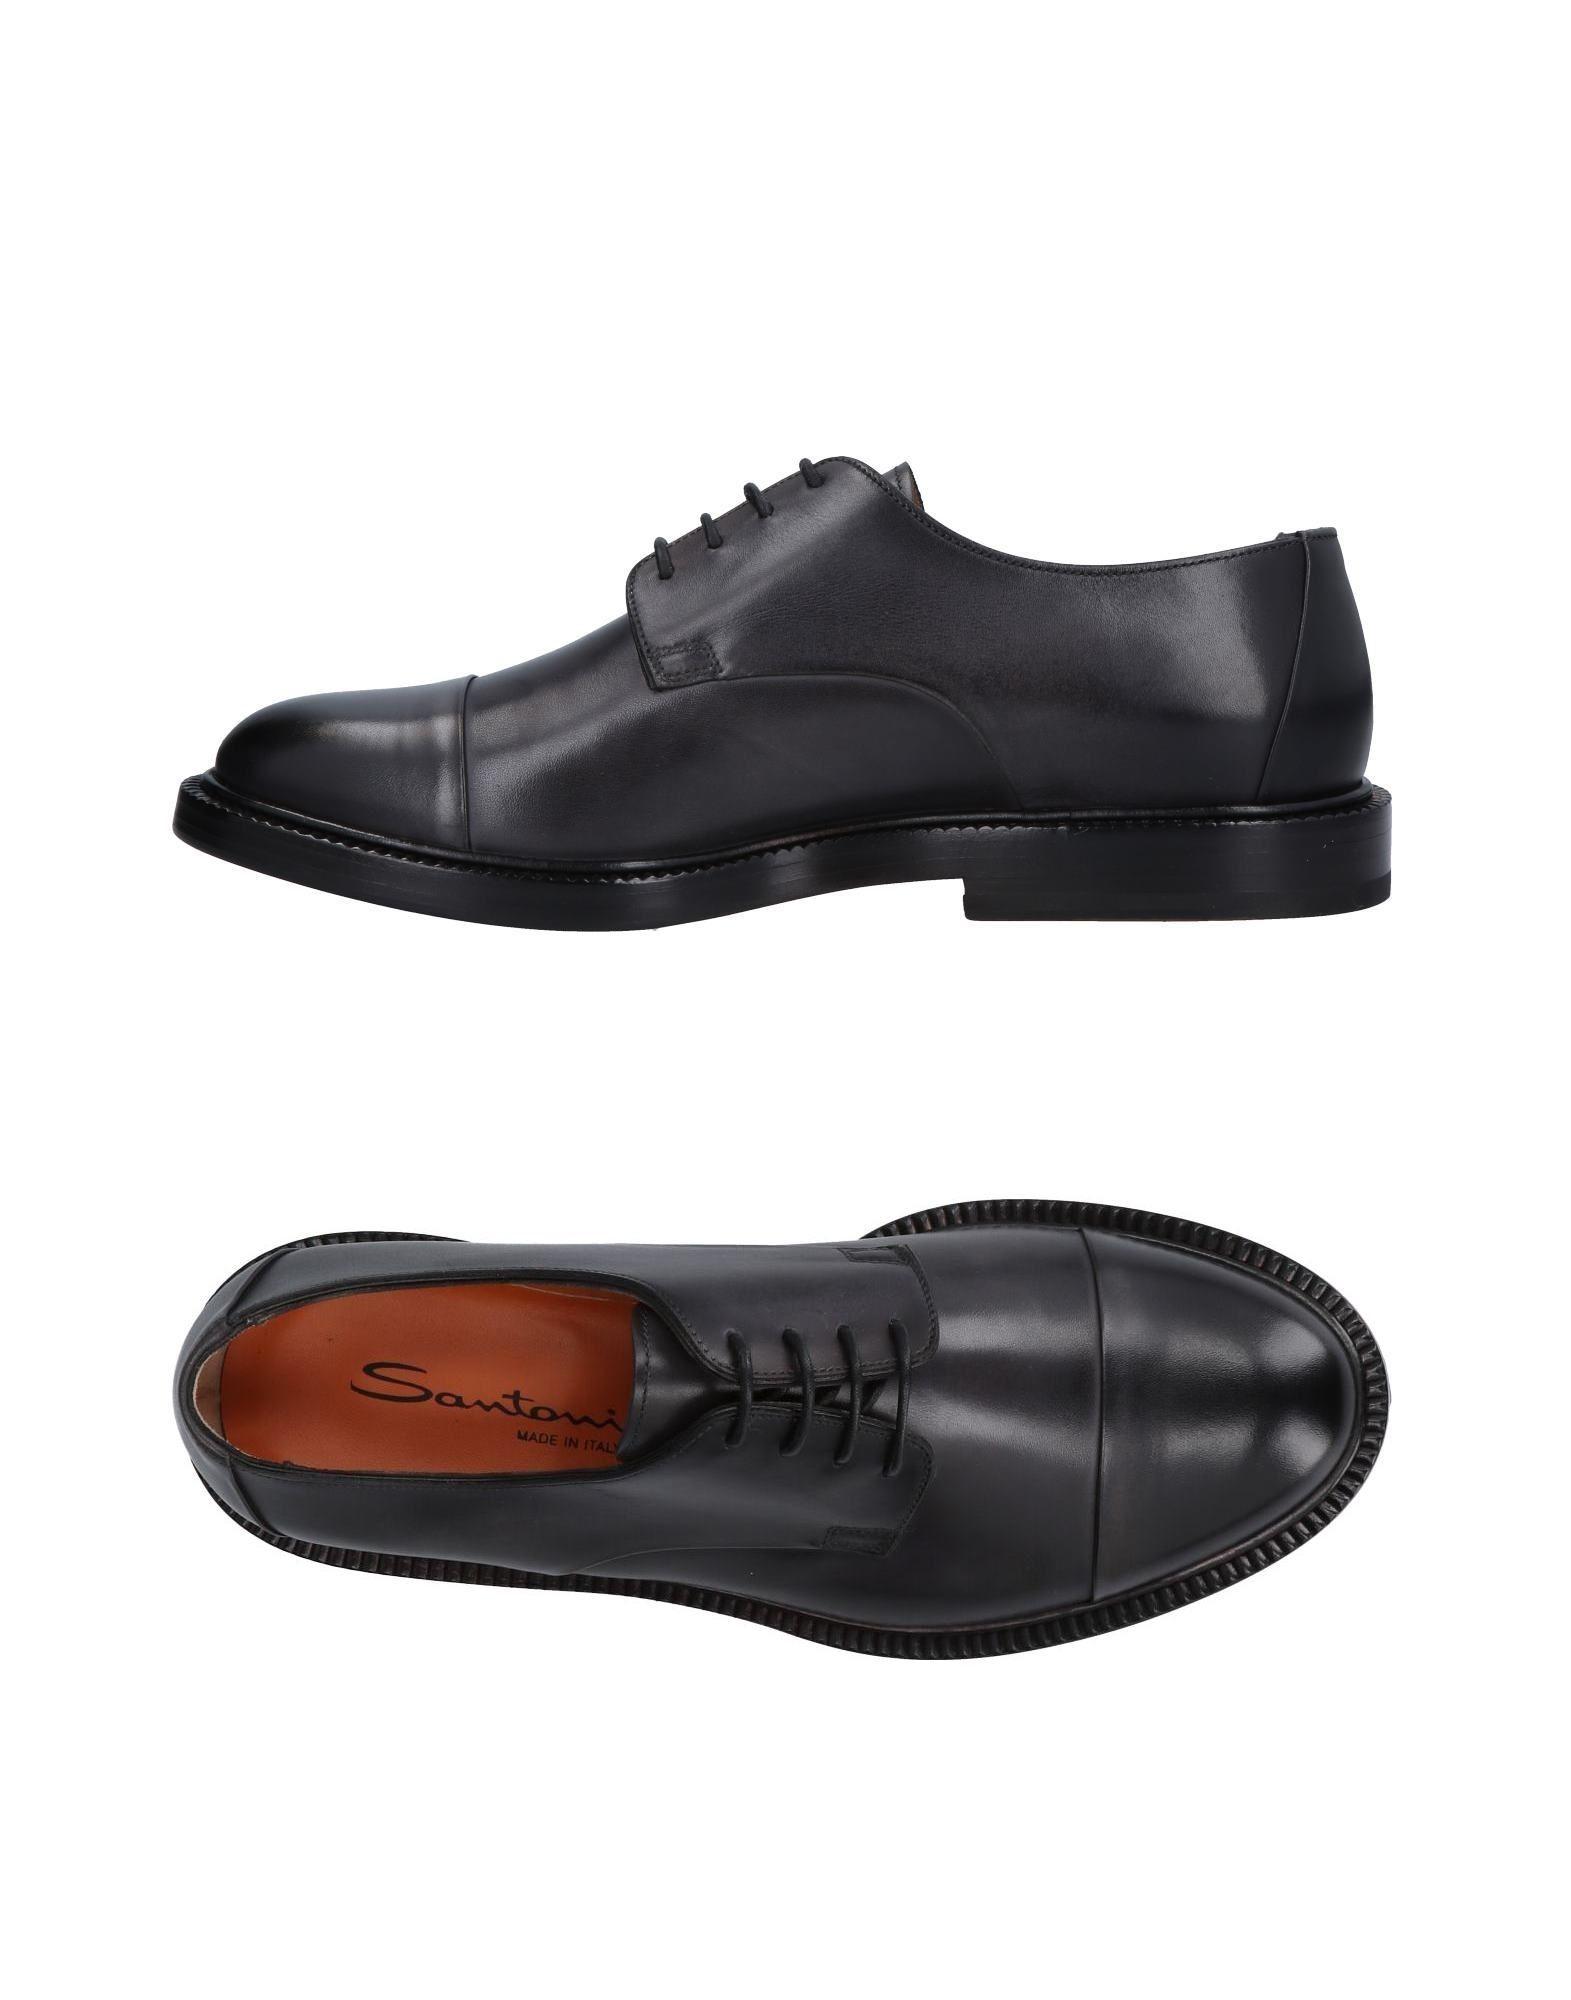 Santoni Schnürschuhe Herren  11478673GC Gute Qualität beliebte Schuhe